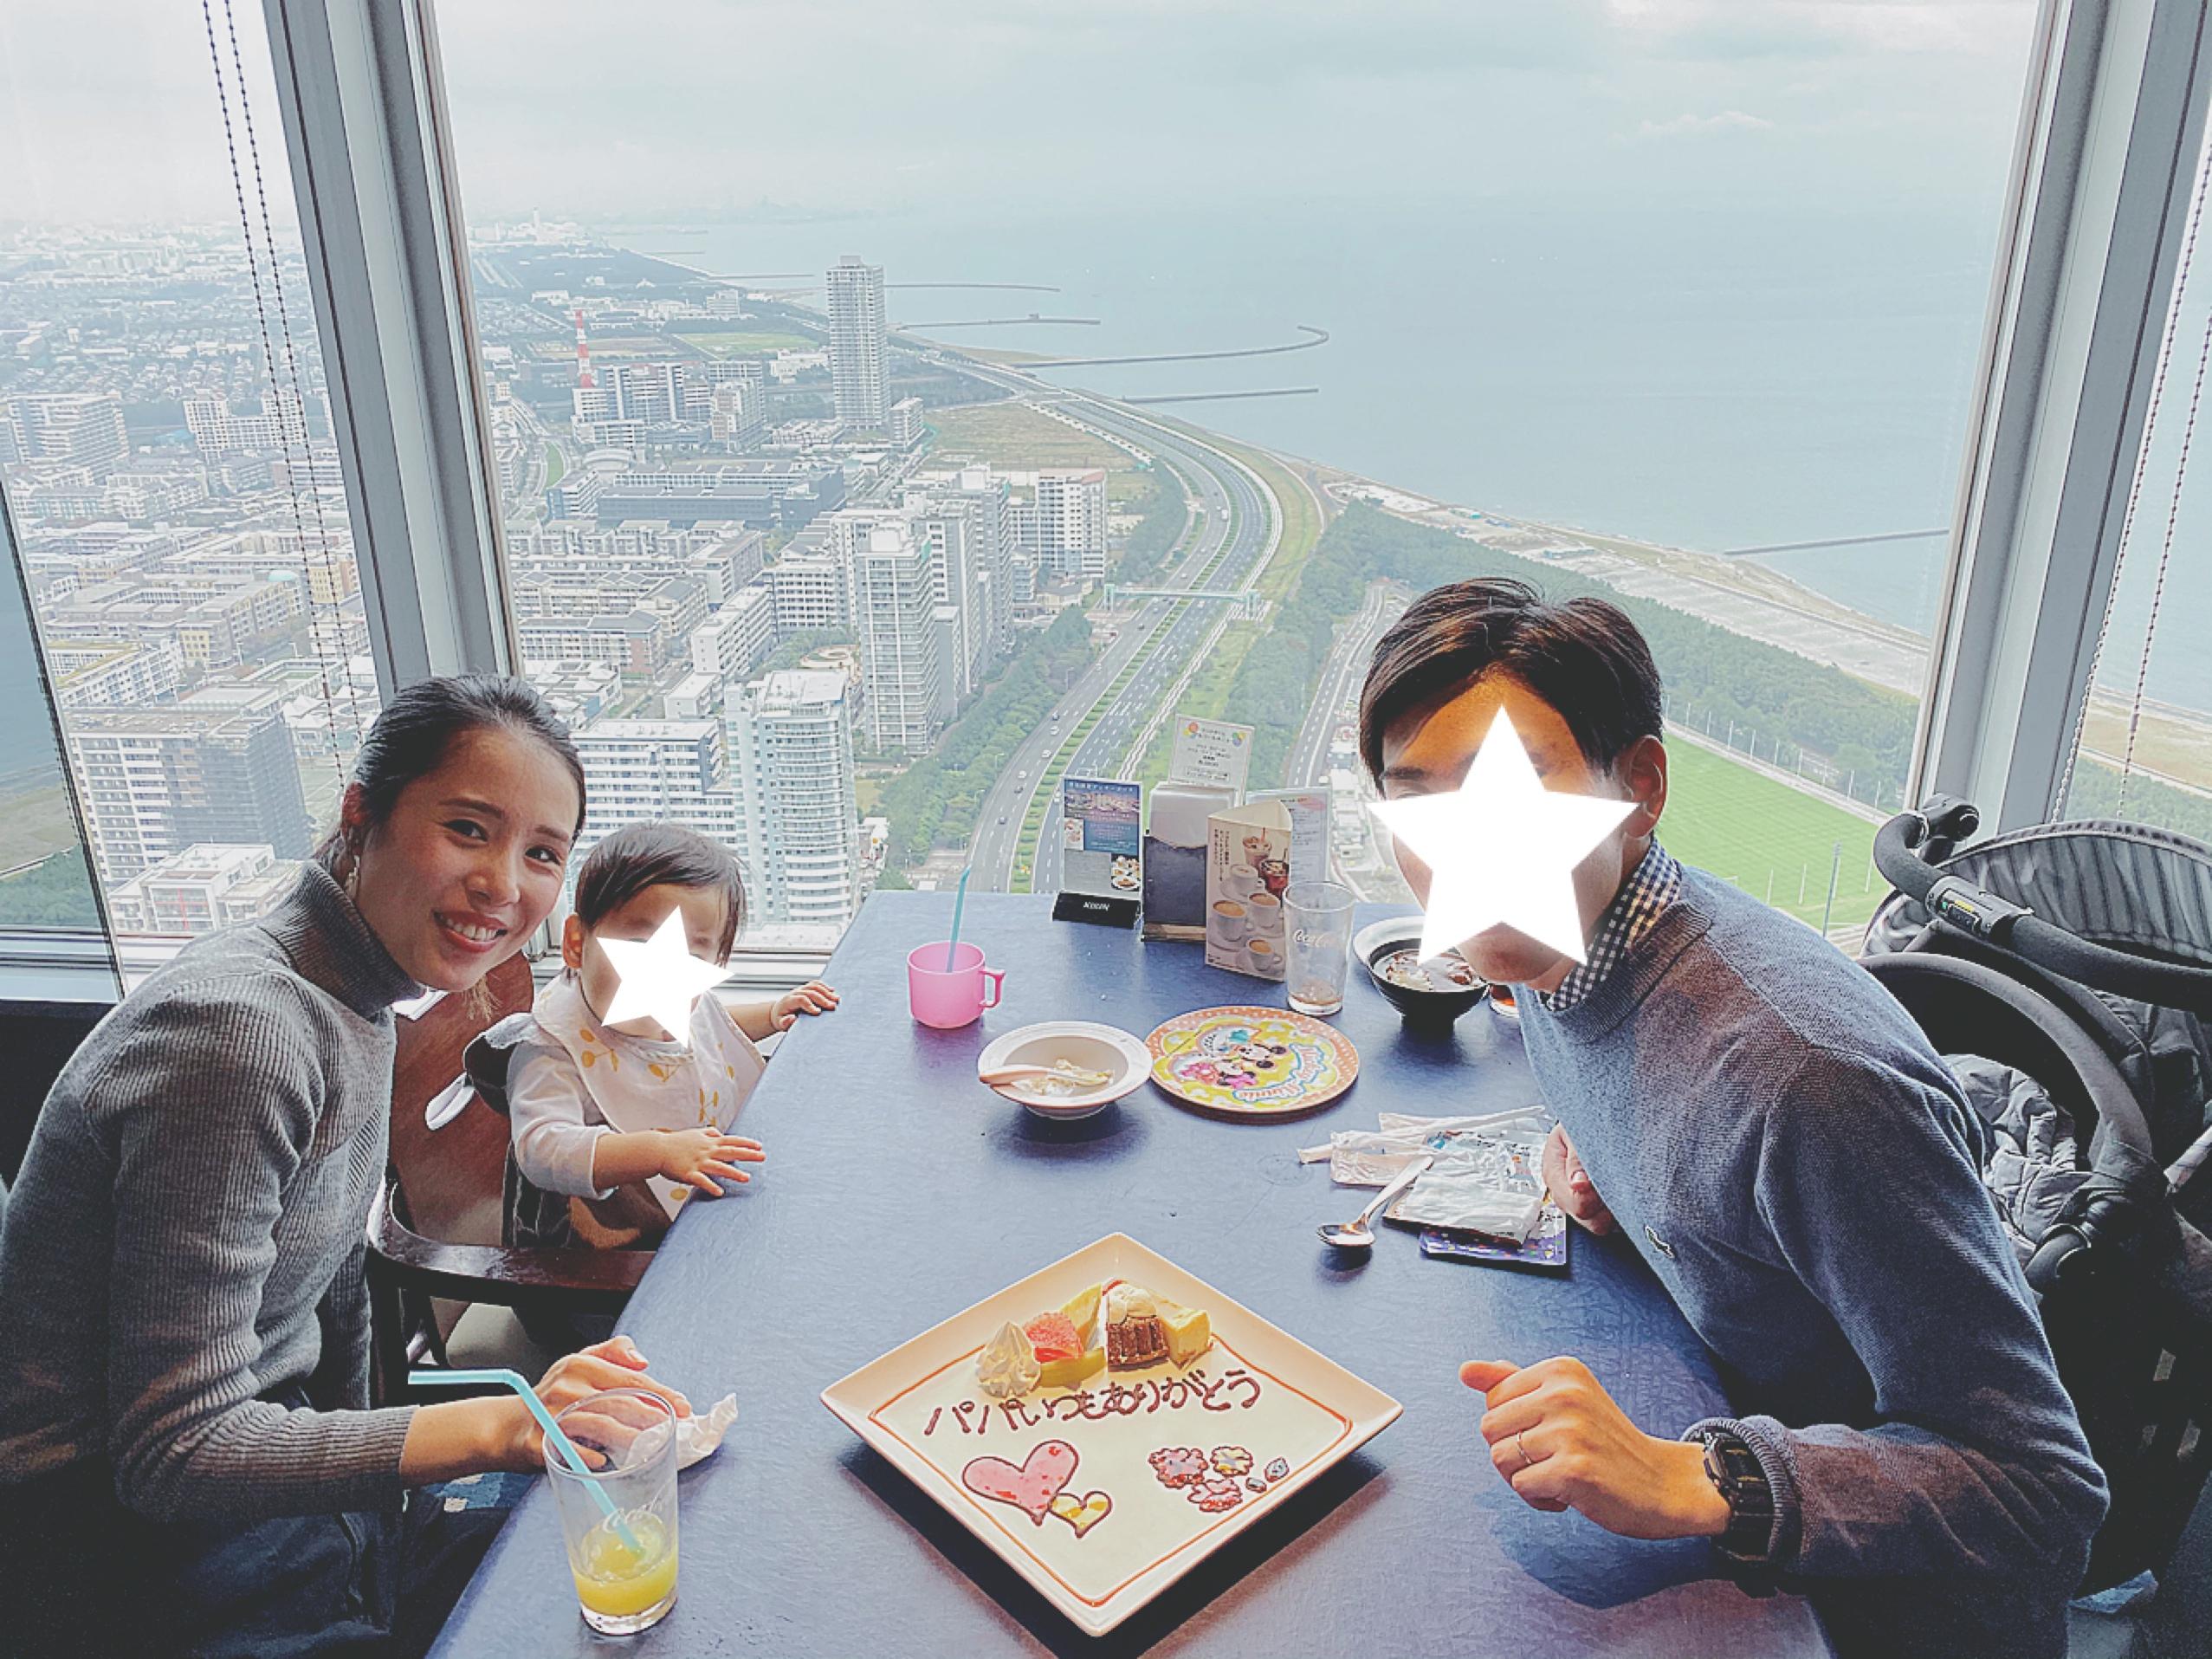 《子連れランチにおすすめ》地上50階でお食事が楽しめるダイニング&バー スカイクルーズマクハリへ♡_1